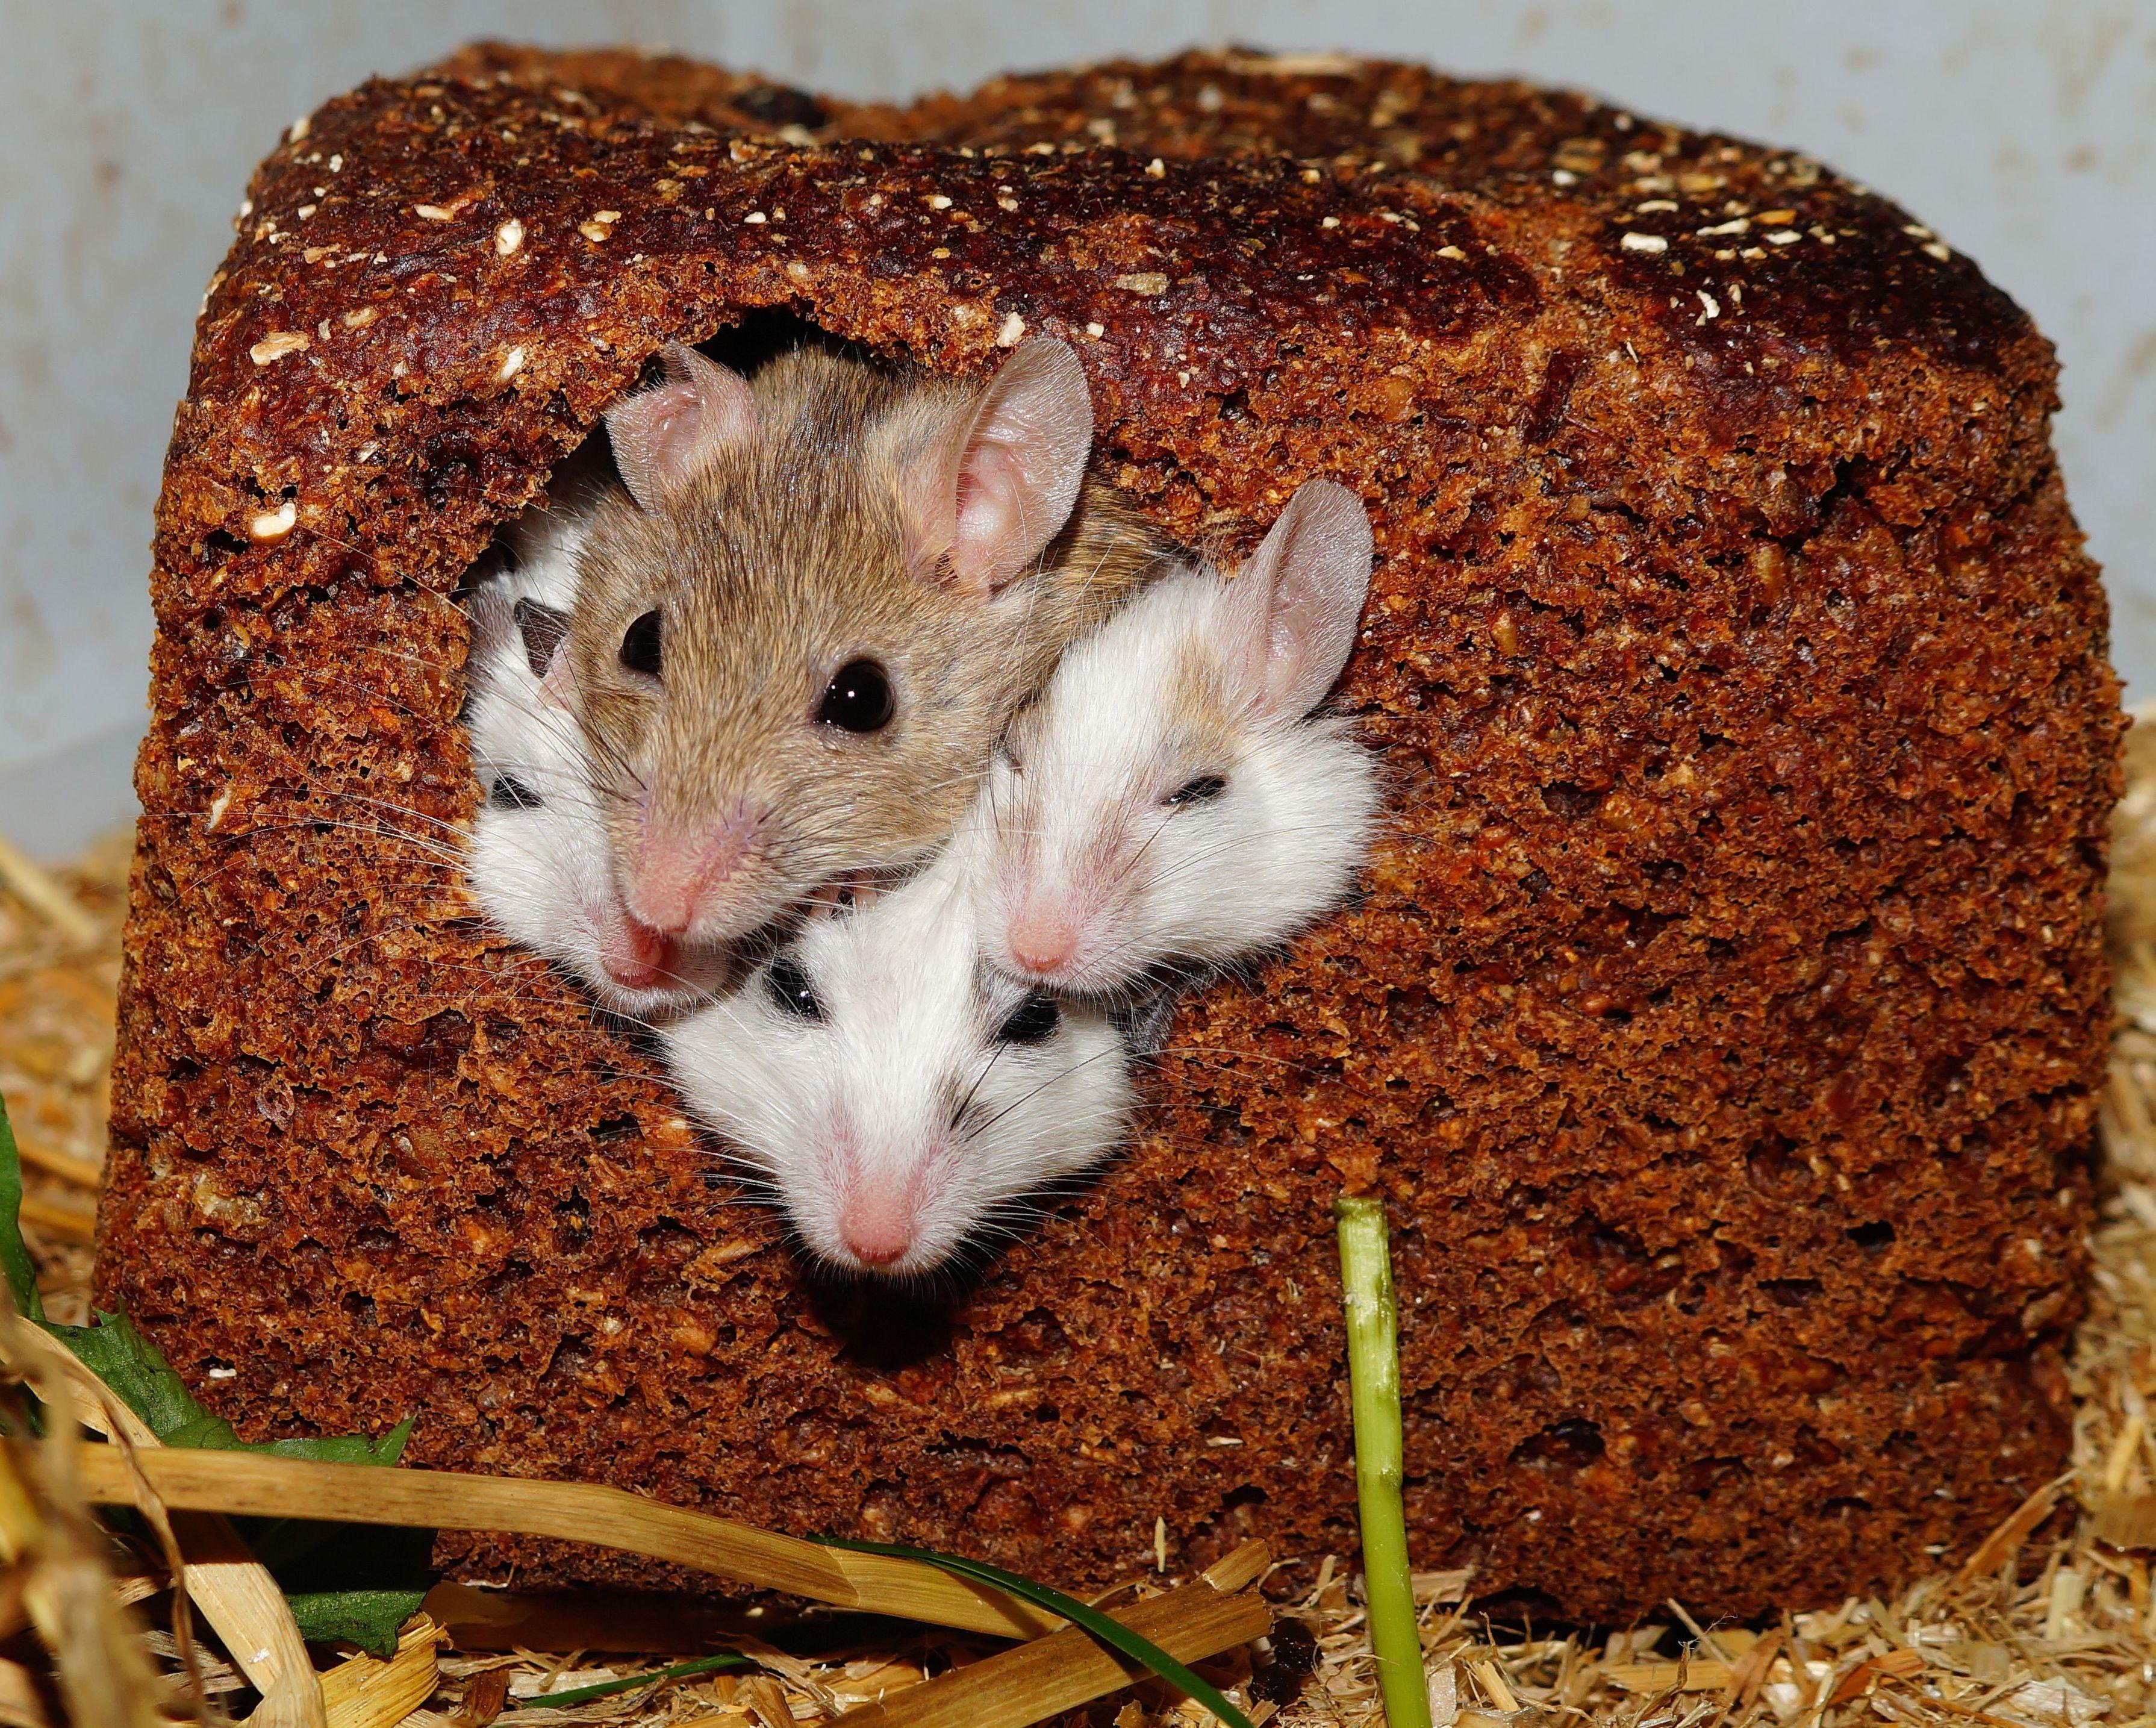 intolleranze alimentari e celiachia